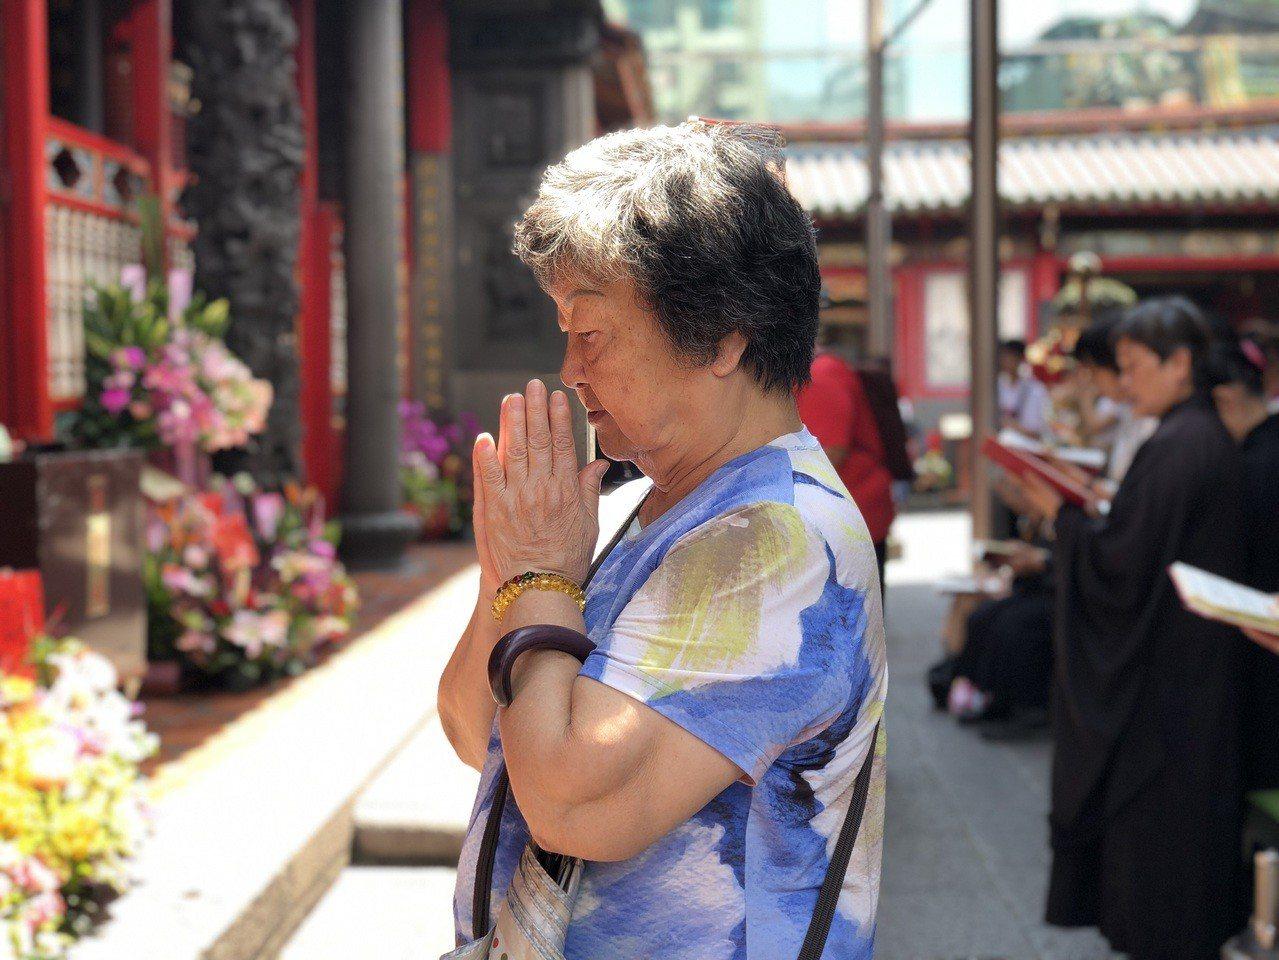 台北艋舺龍山寺建寺280年,是地方信眾重要的信仰中心。記者劉柏均/攝影